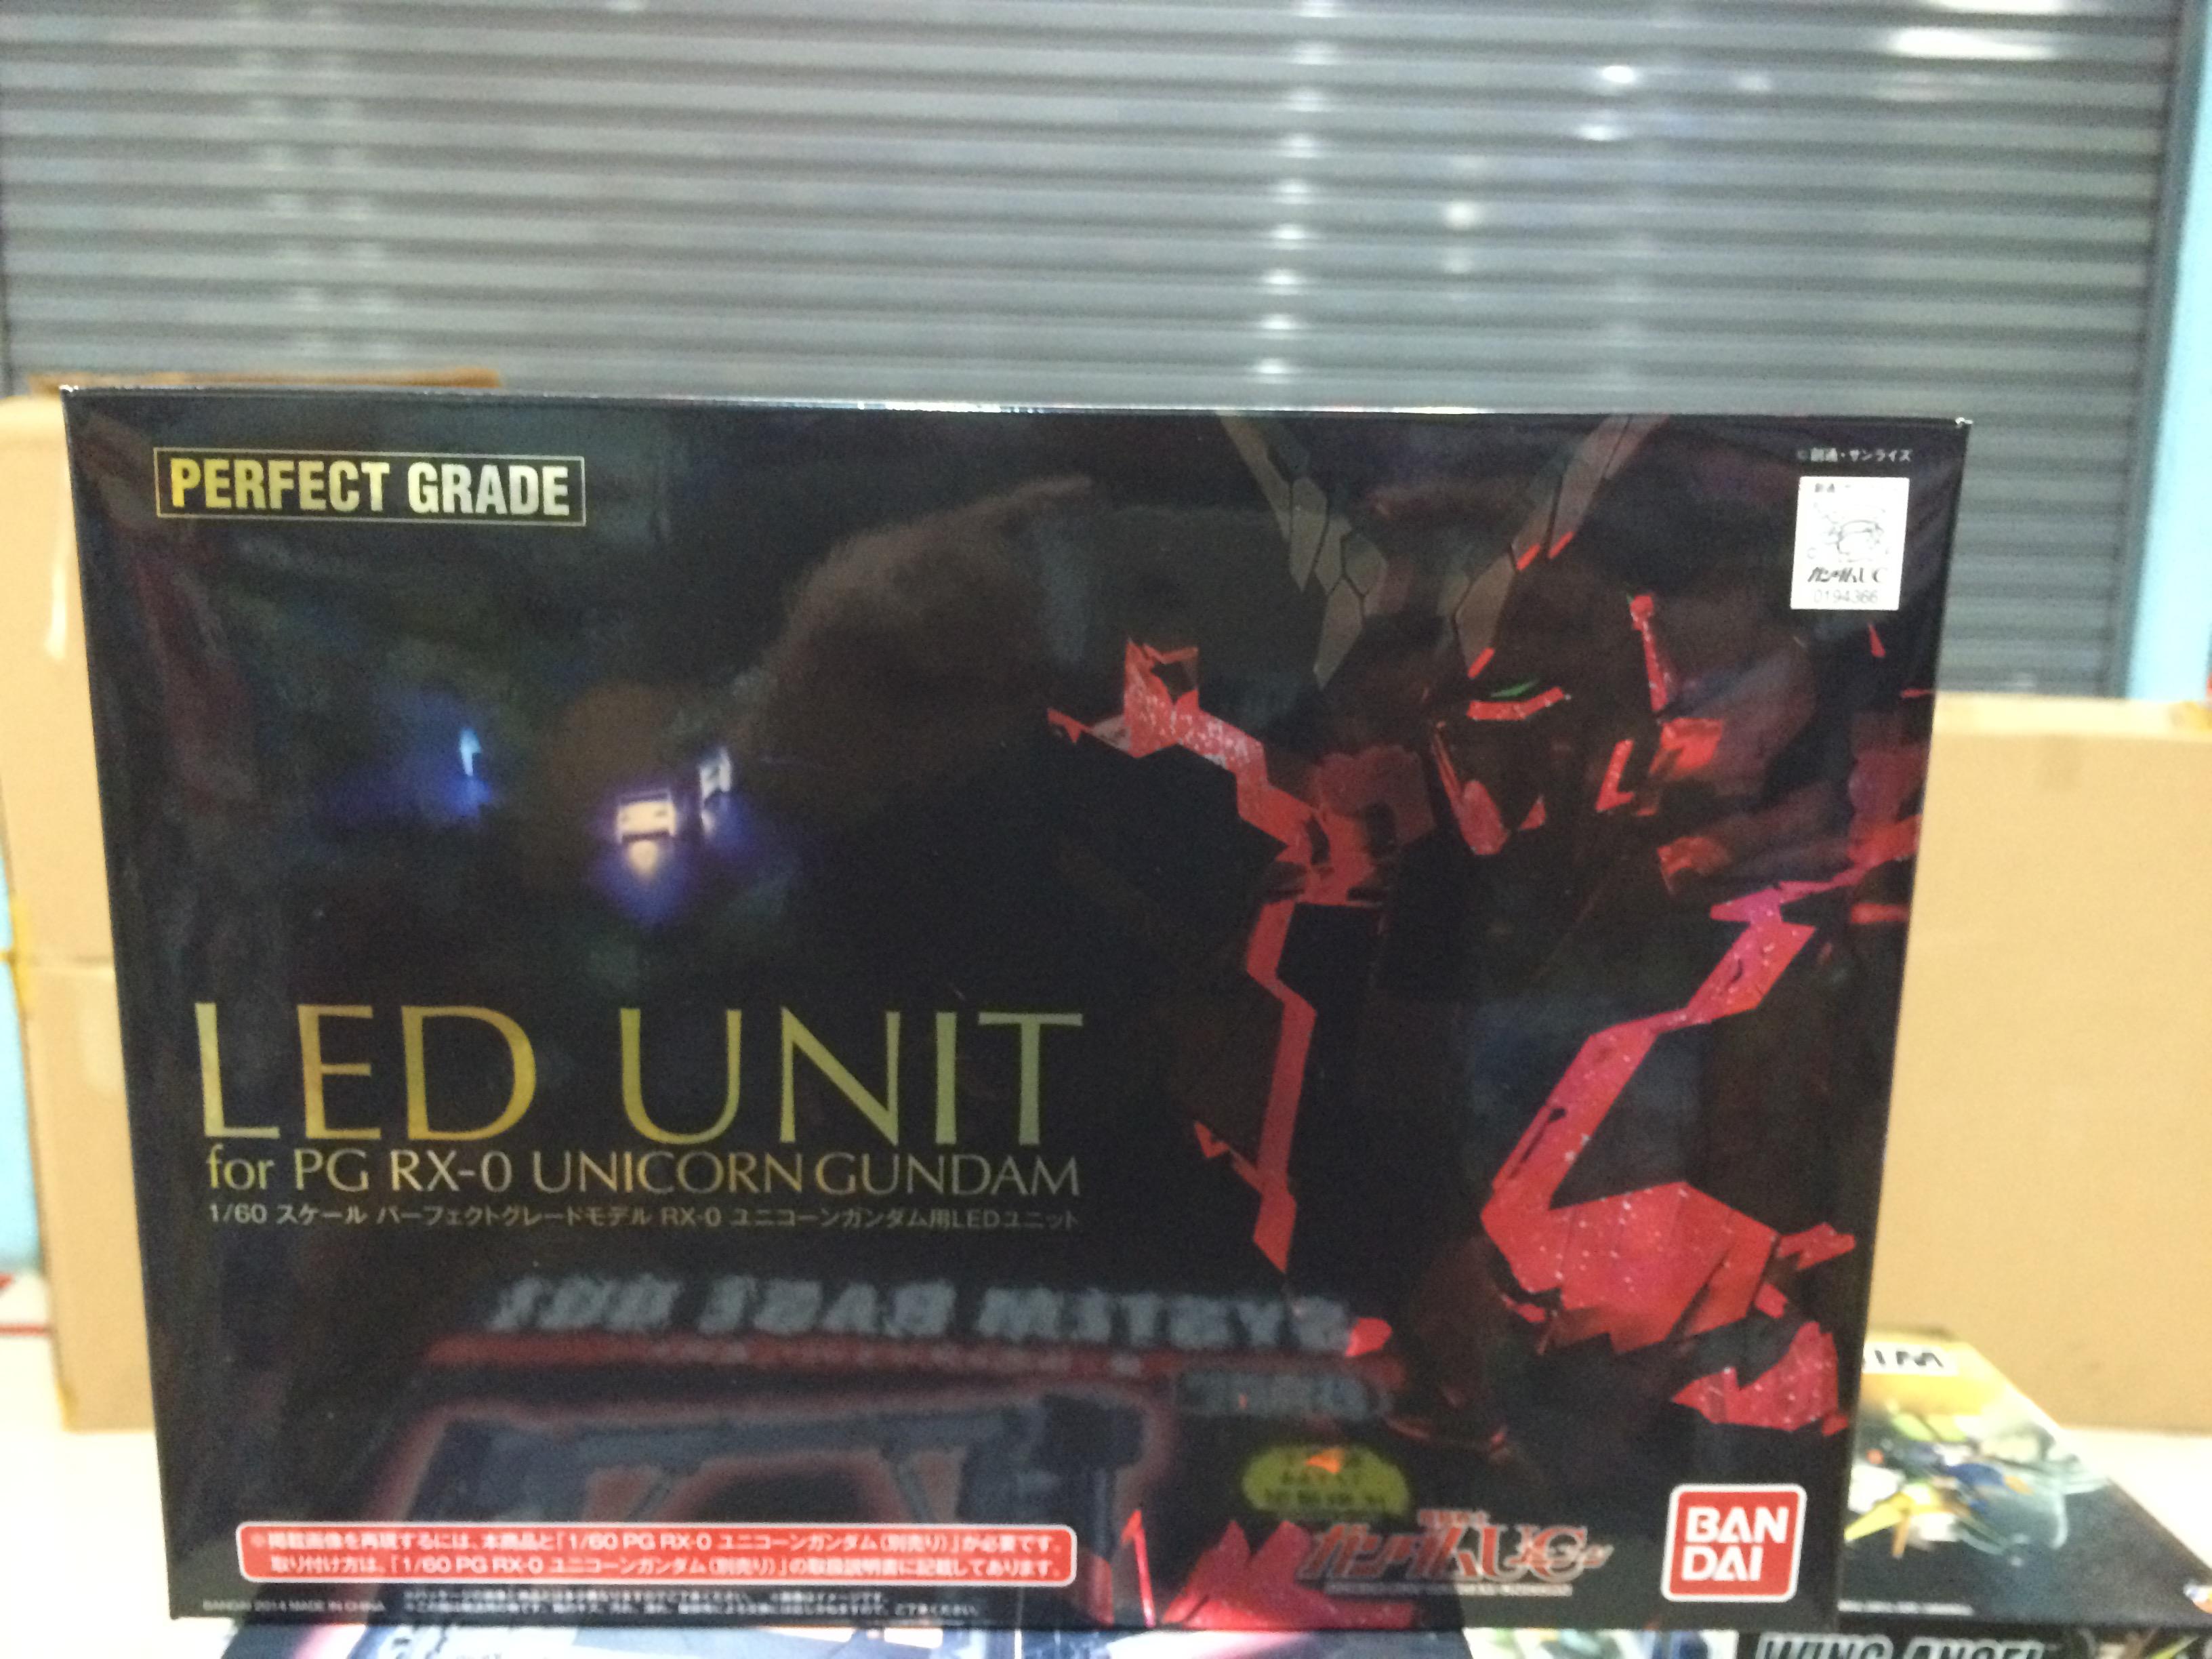 LED UNIT FOR PG UNICORN